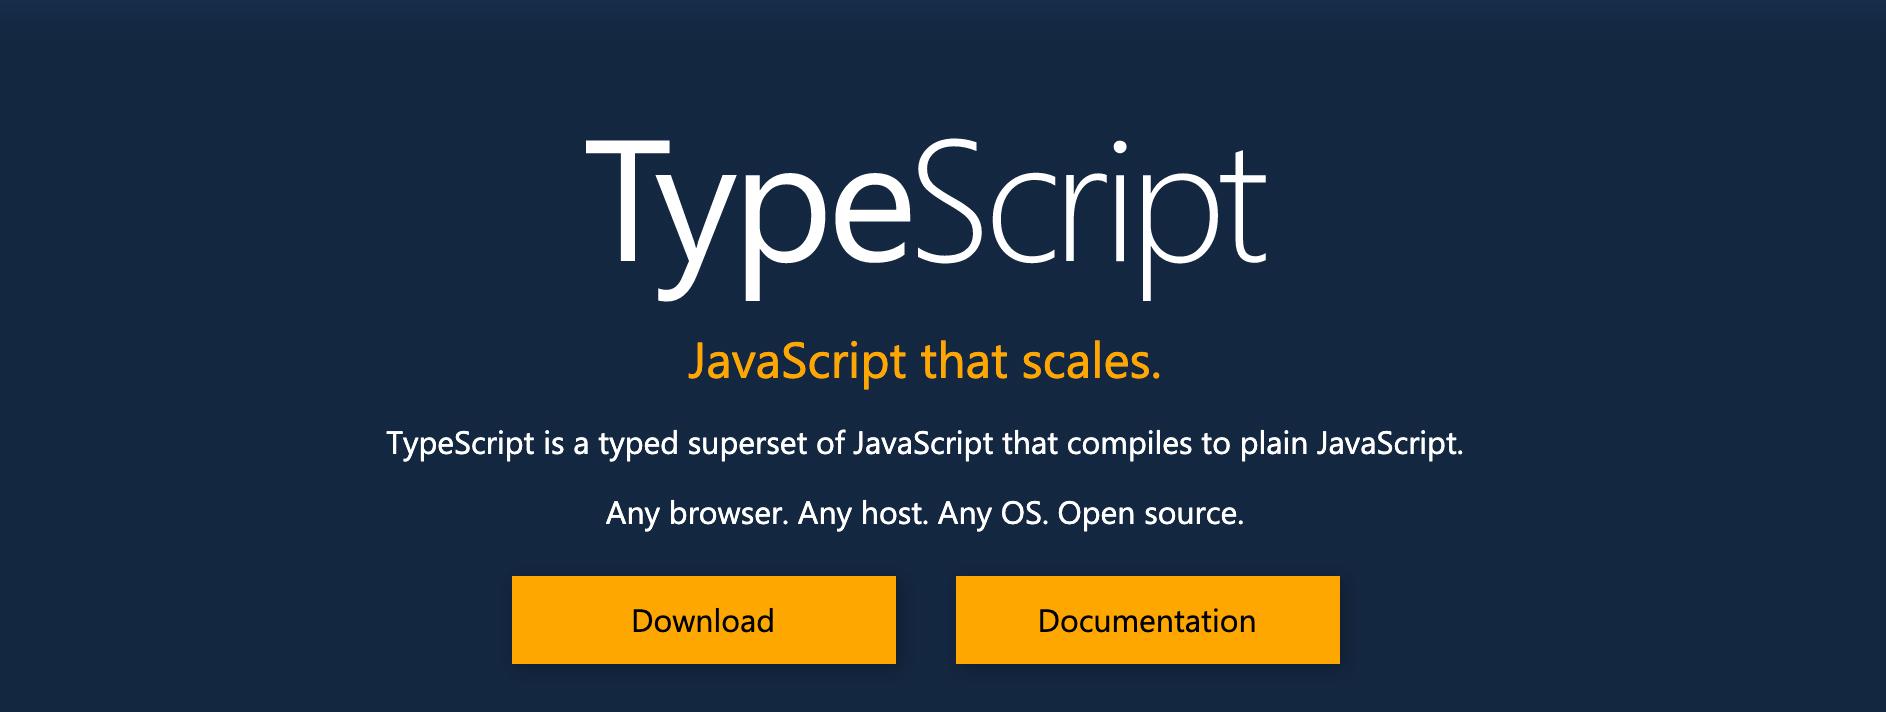 che cos'è typescript, come usare typescript e perchè usare typescript invece di javascript